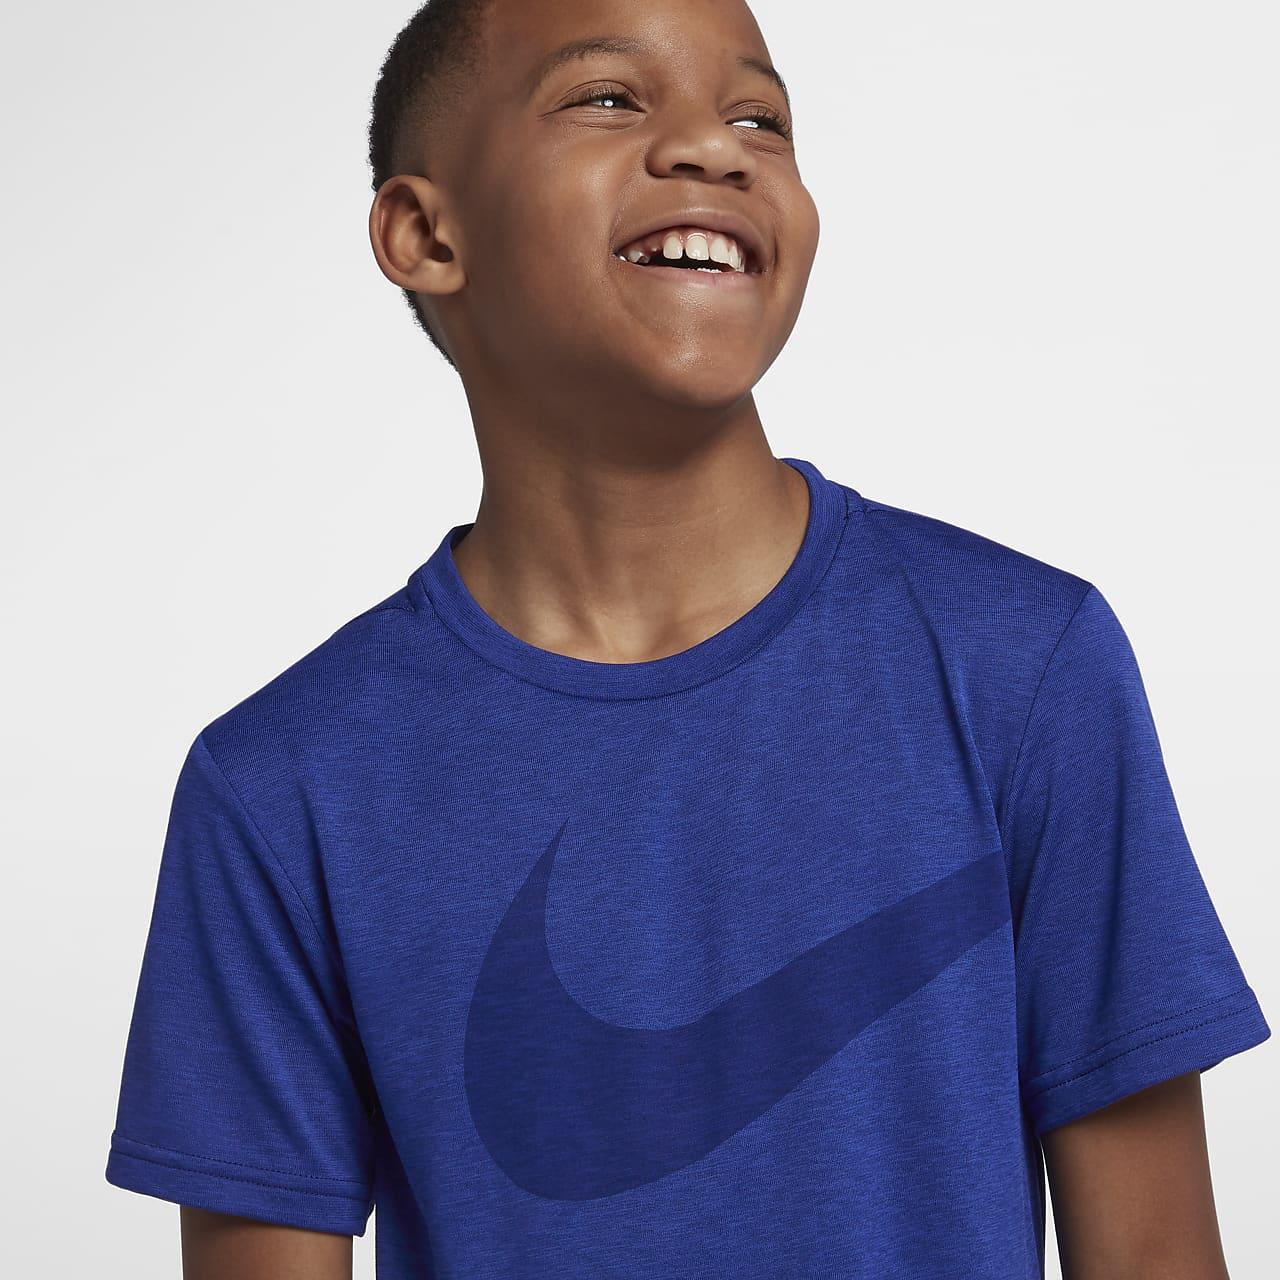 เสื้อเทรนนิ่งเด็กโต Nike Breathe (ชาย)